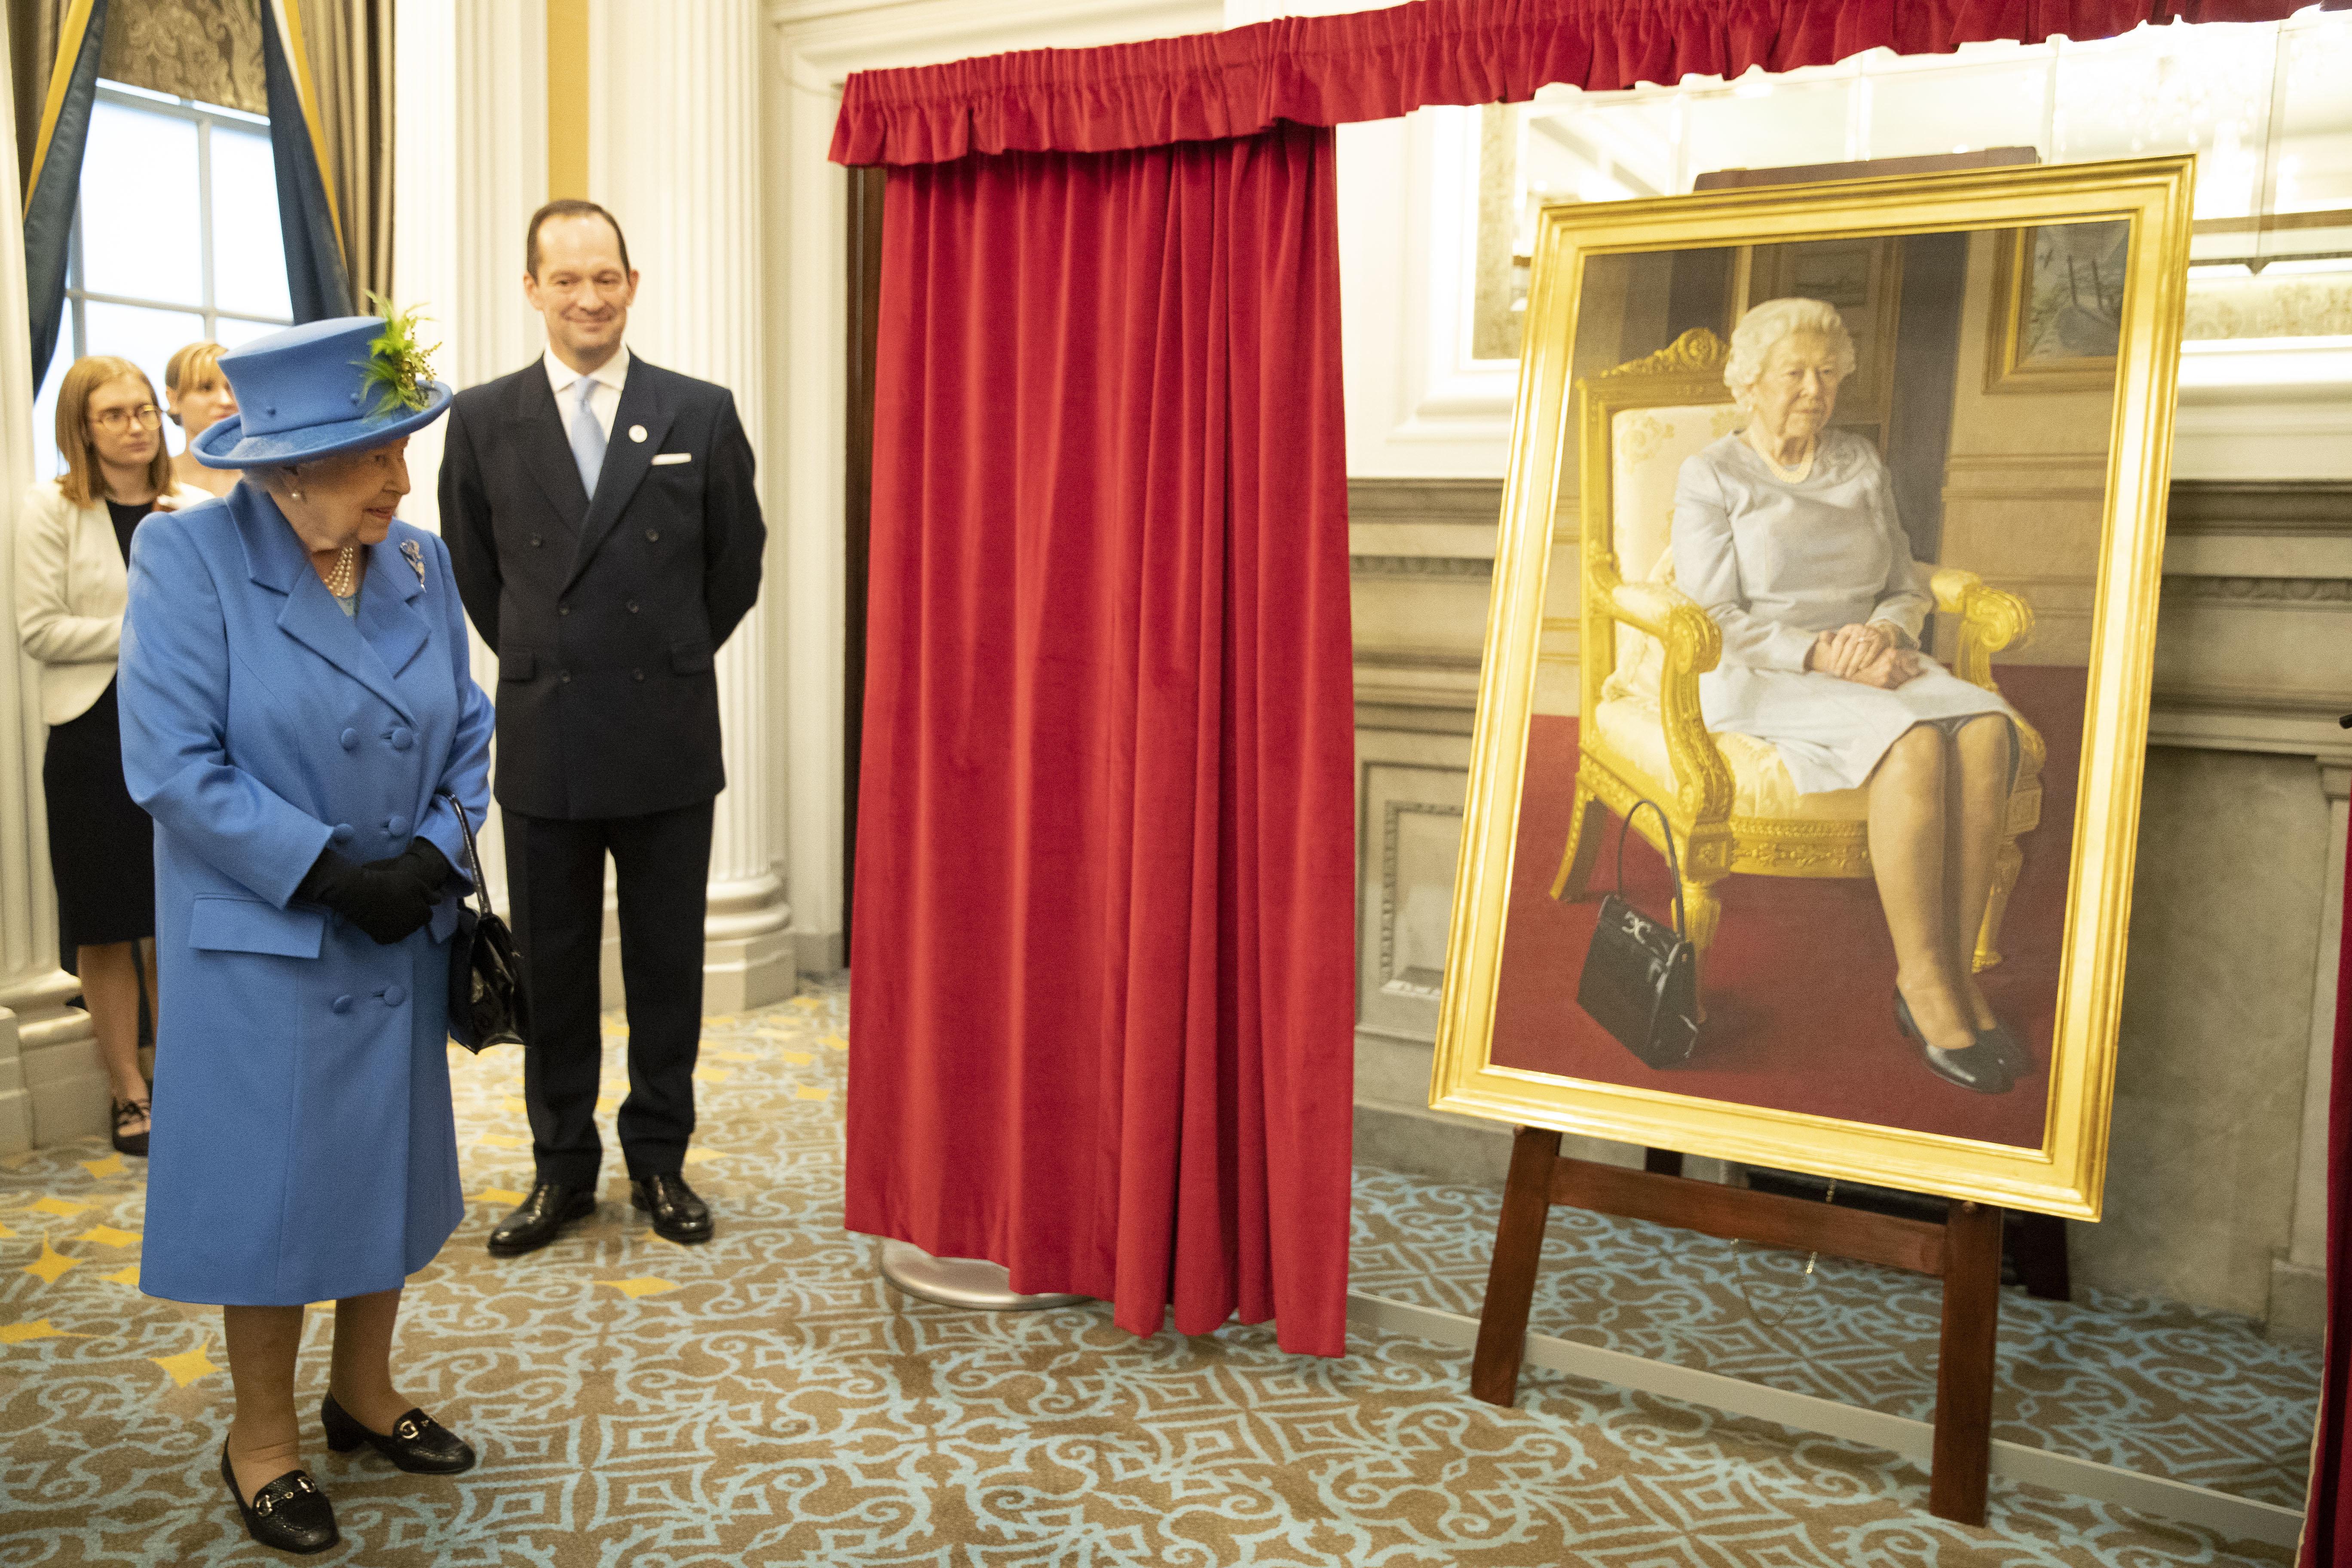 New Portrait Of Queen Elizabeth II Features Her Constant Companion: Her